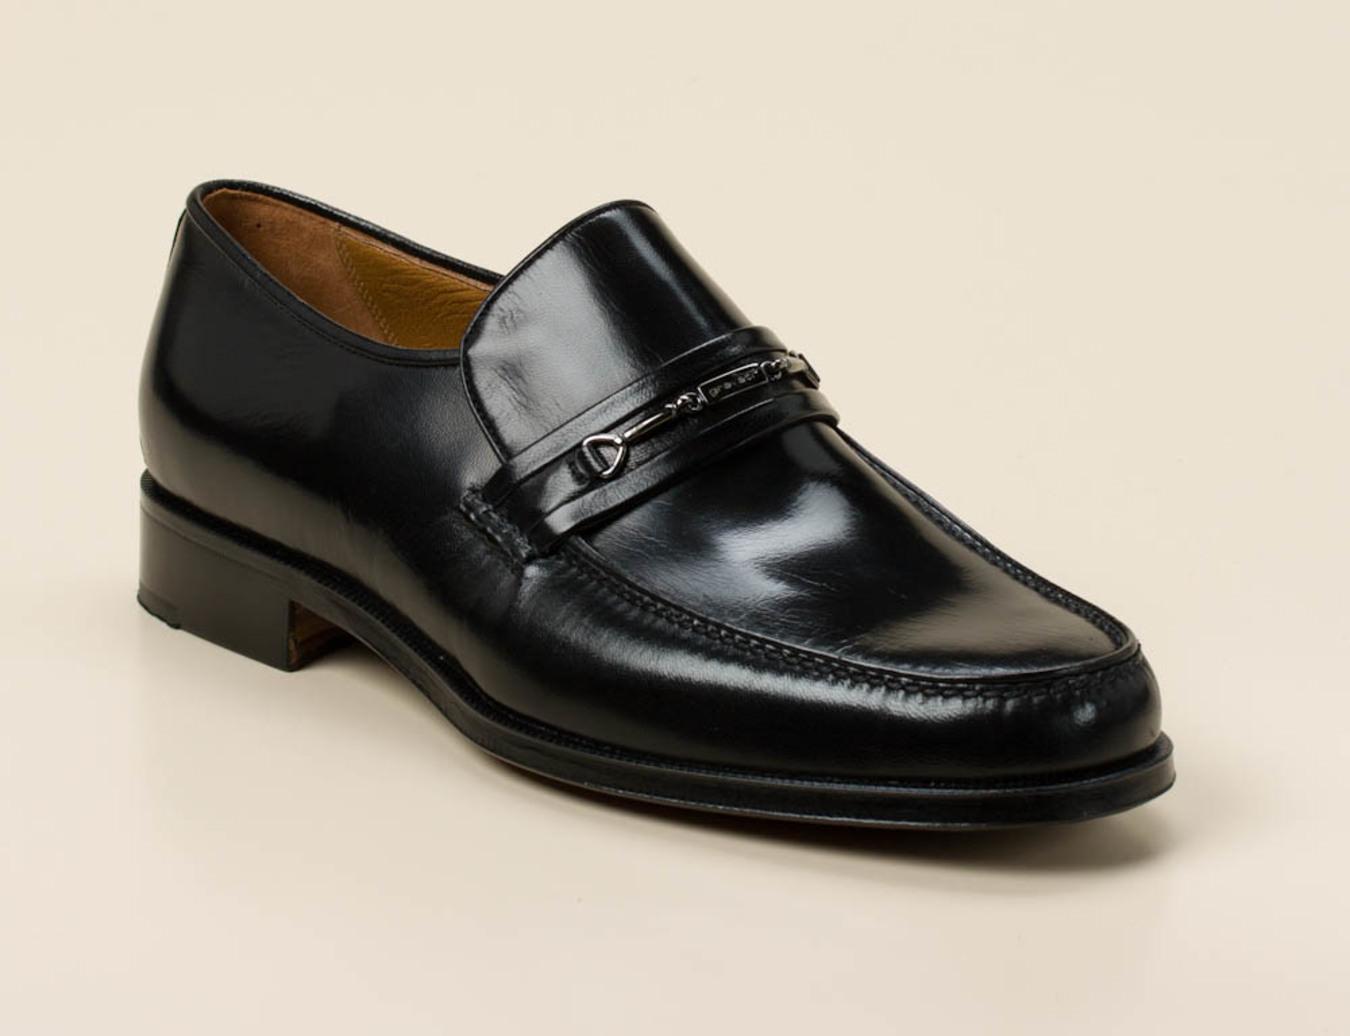 03e556e109 Gravati Herren Mokassin in schwarz kaufen | Zumnorde Online-Shop